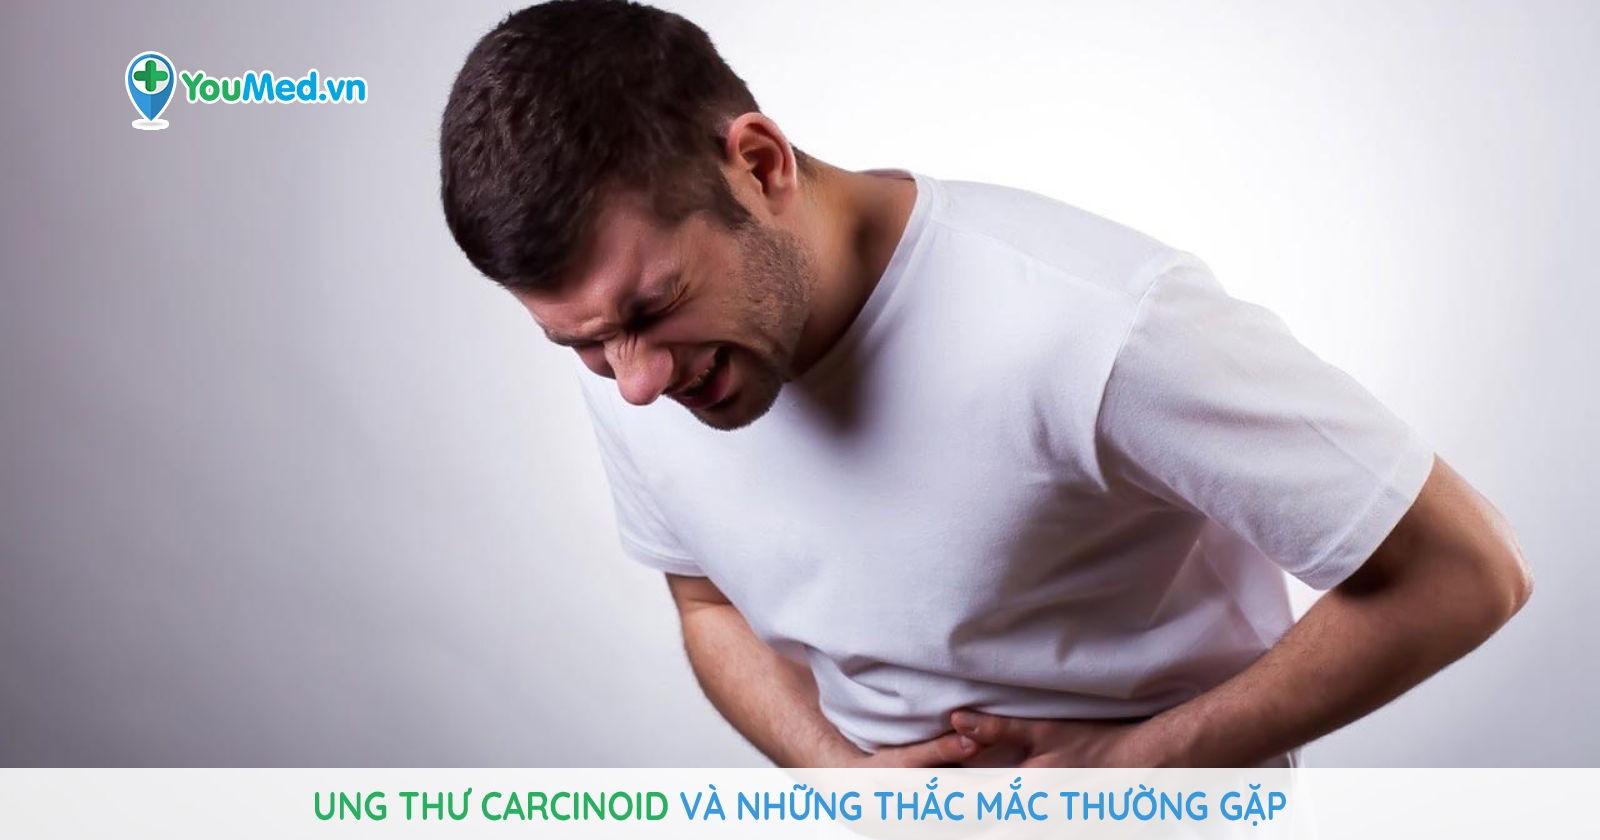 Ung thư Carcinoid và những thắc mắc thường gặp